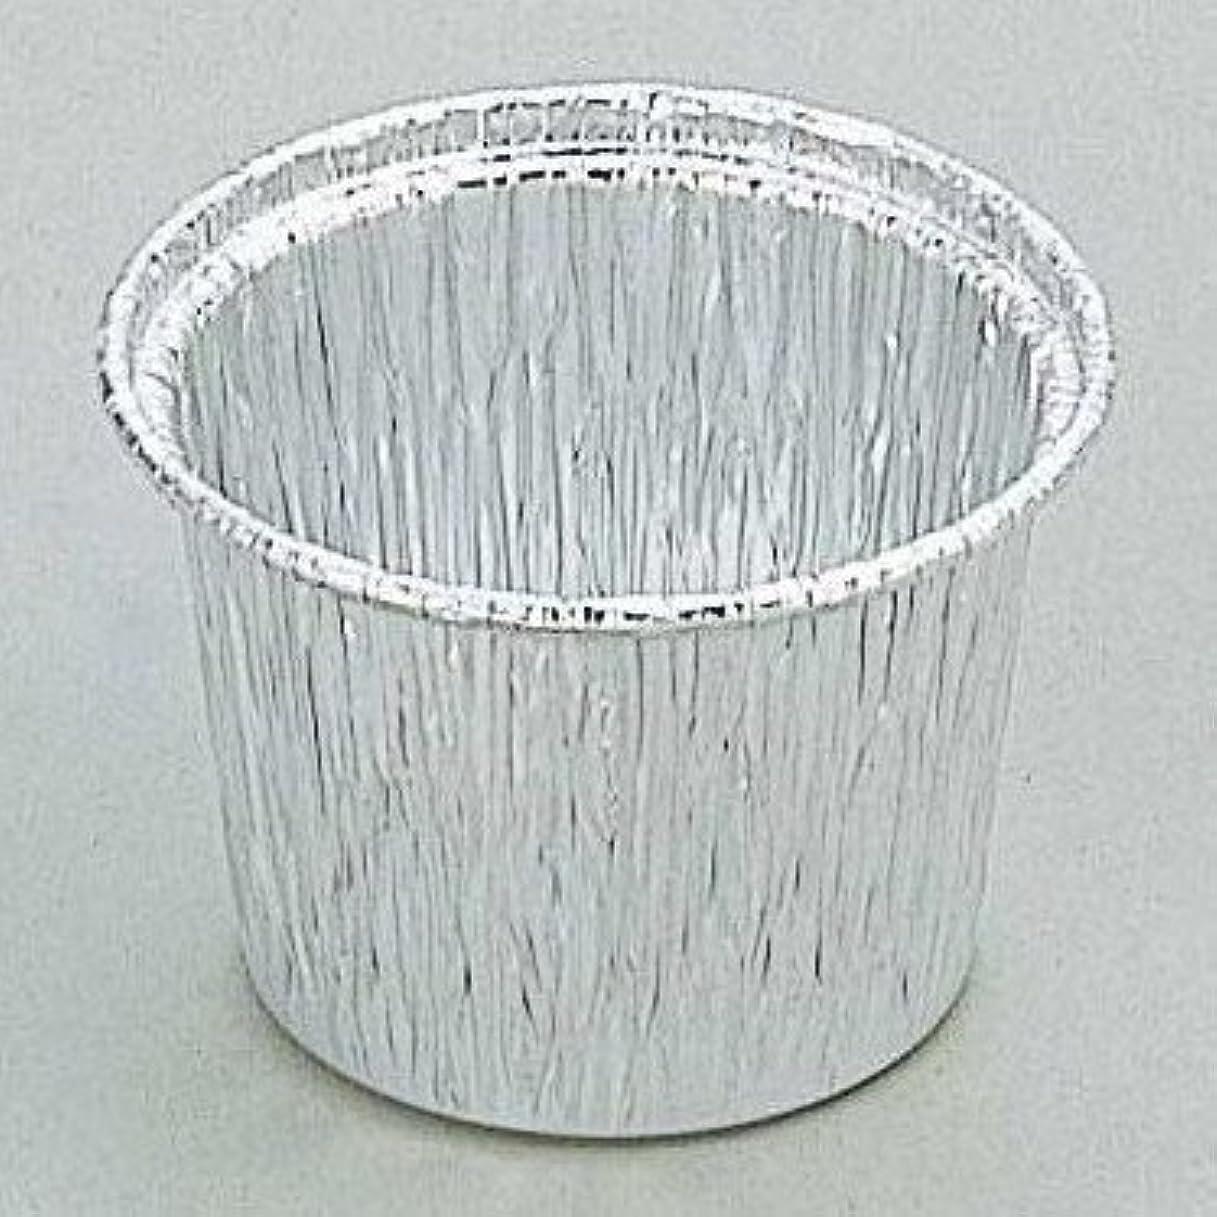 大混乱アプト米ドル丸型カップ 8cm A4080D 100枚シュリンク包装